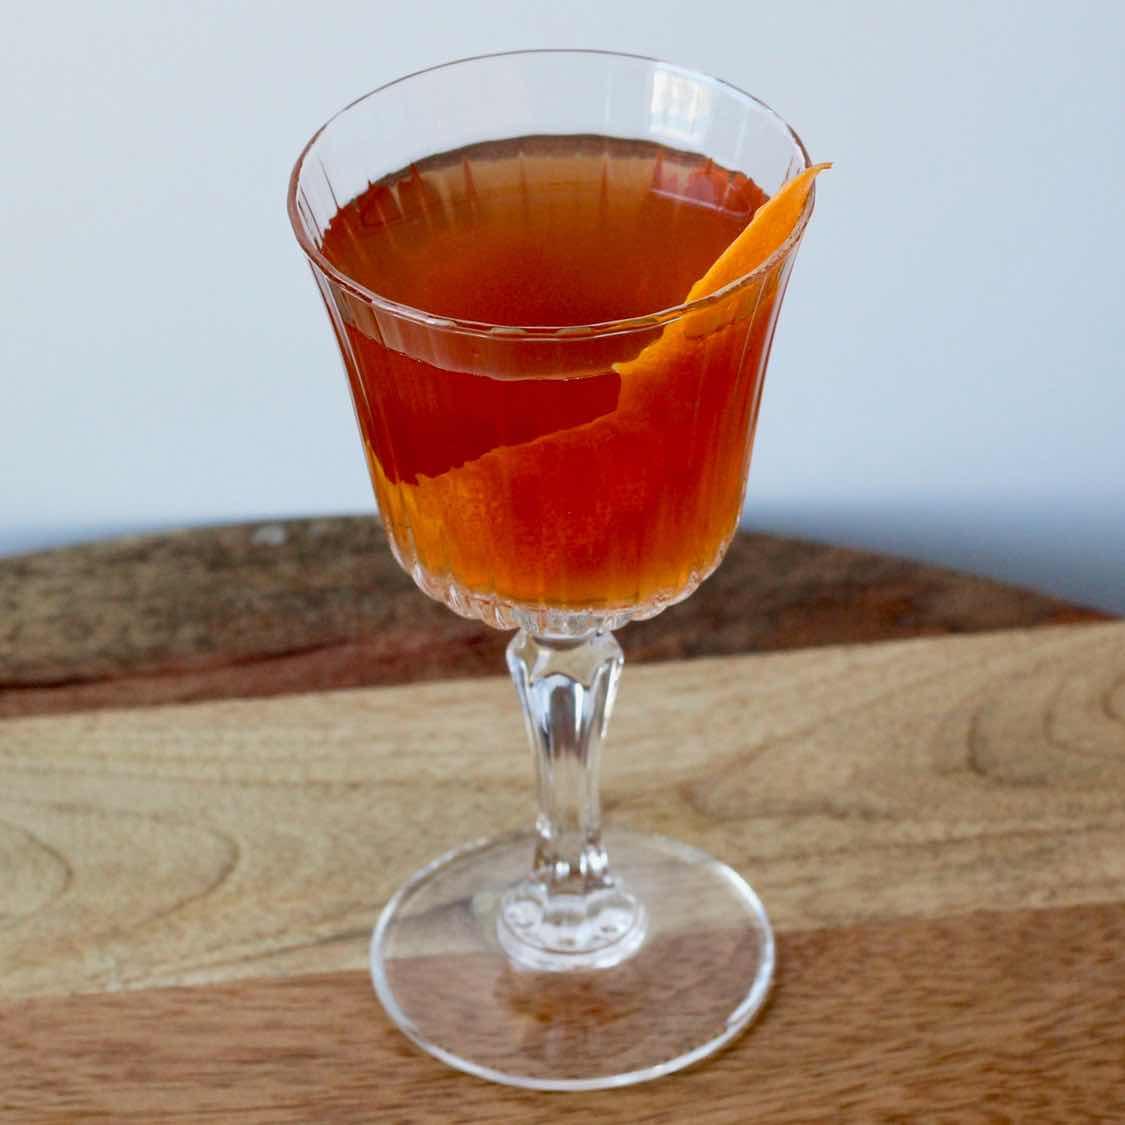 Avenue Cocktail - Original 1937 Royal Cafe Recipe